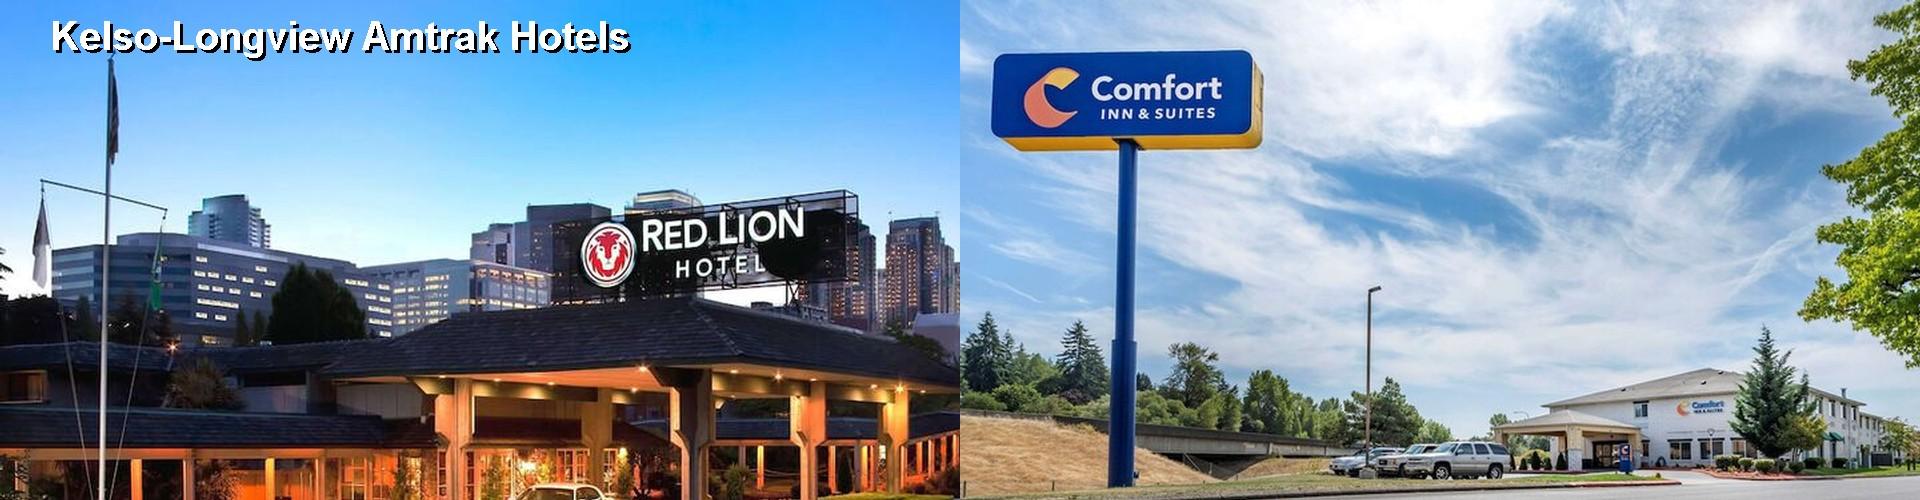 5 Best Hotels Near Kelso Longview Amtrak